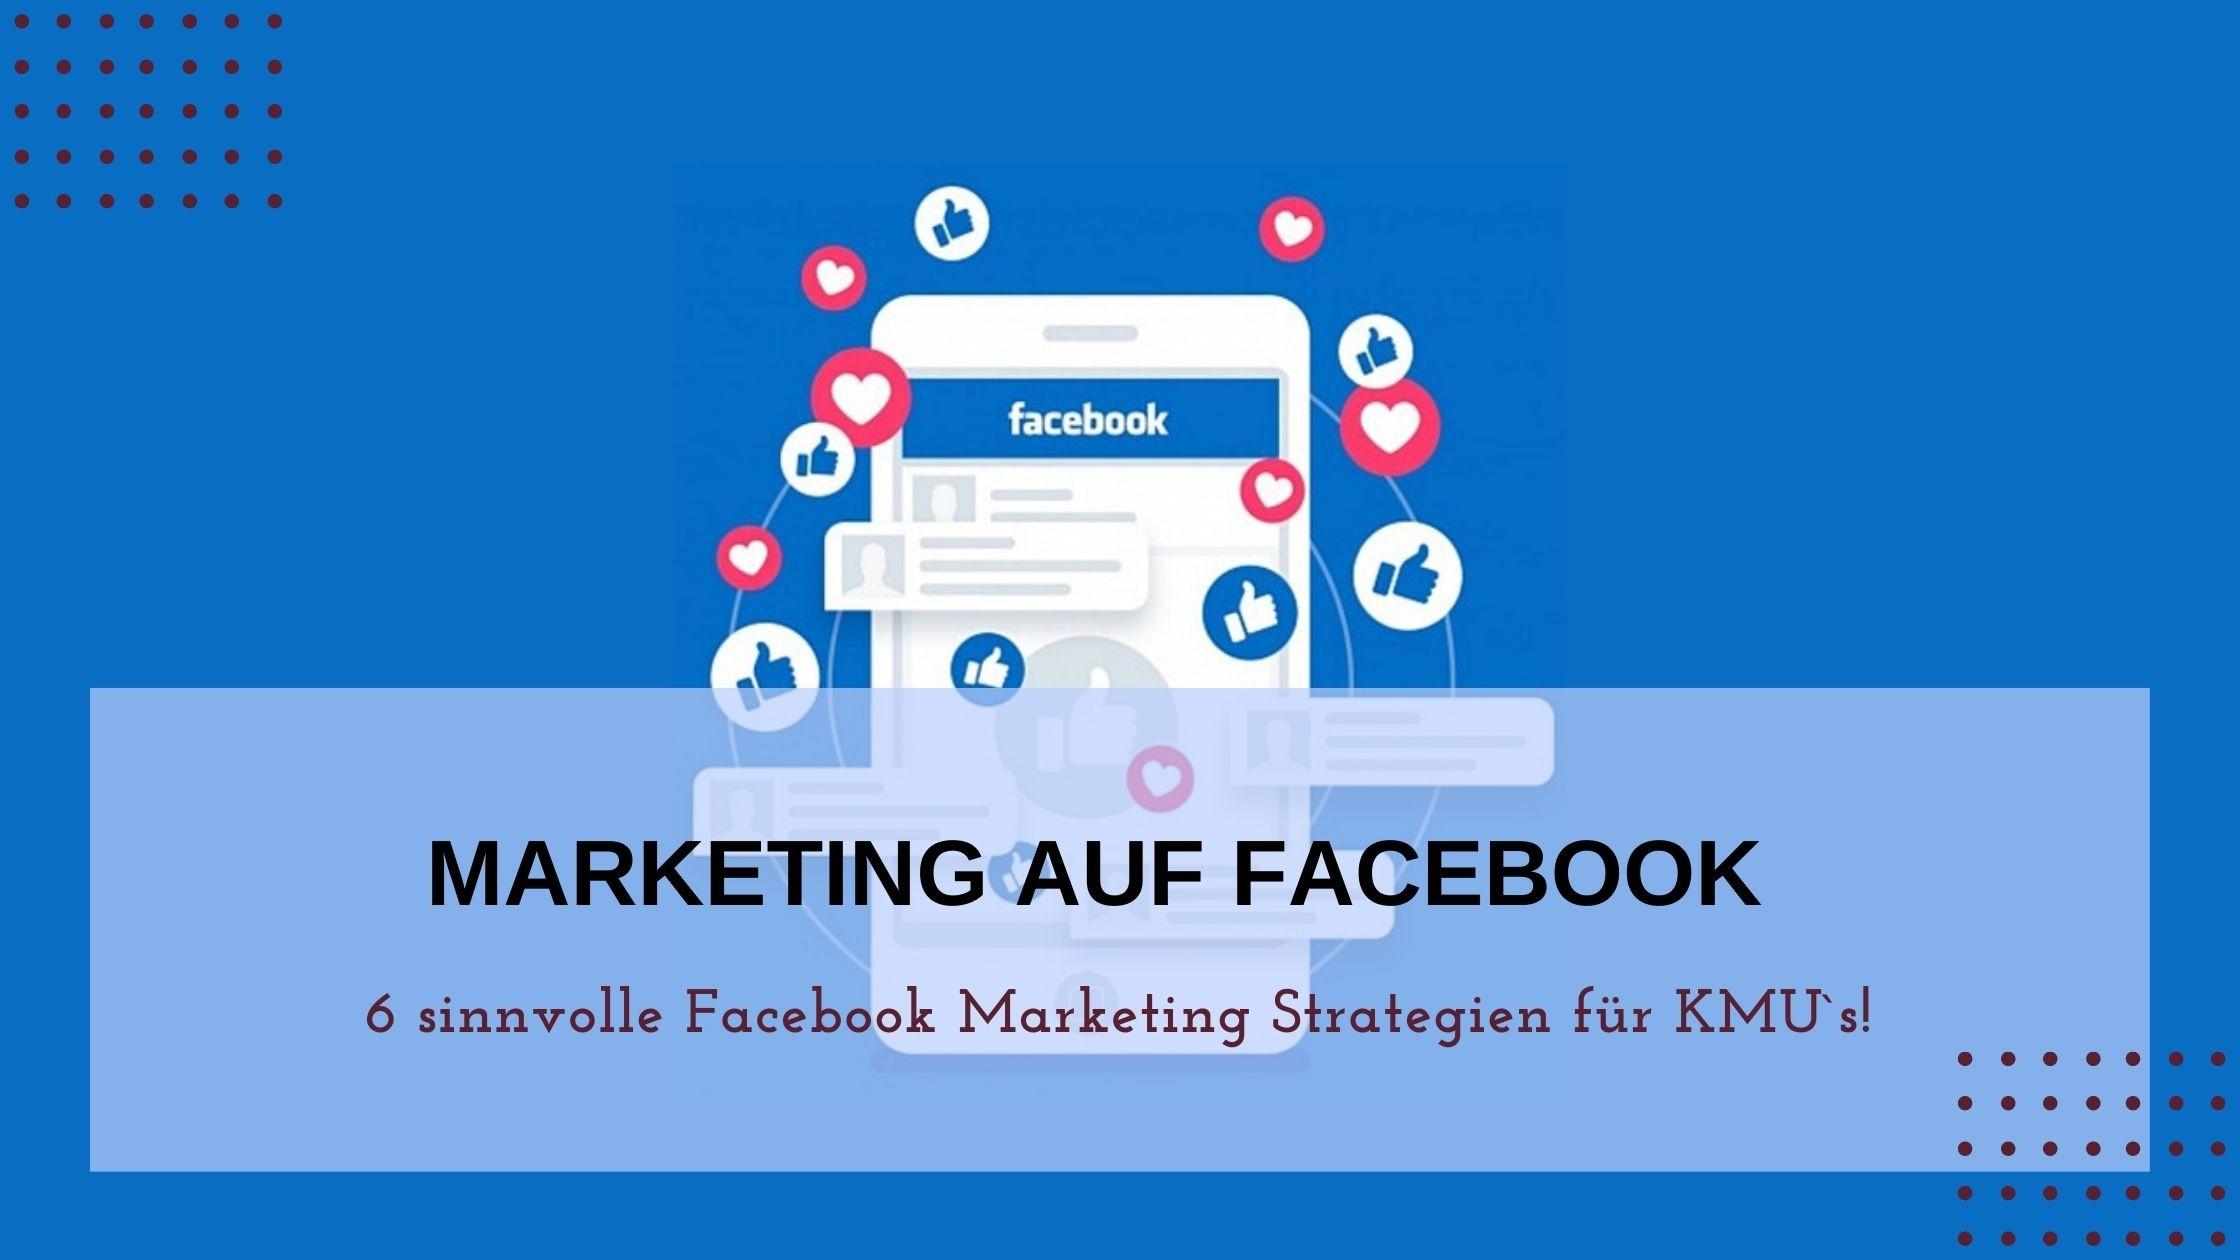 Marketing auf Facebook - 6 Facebook Marketing Strategien für KMU